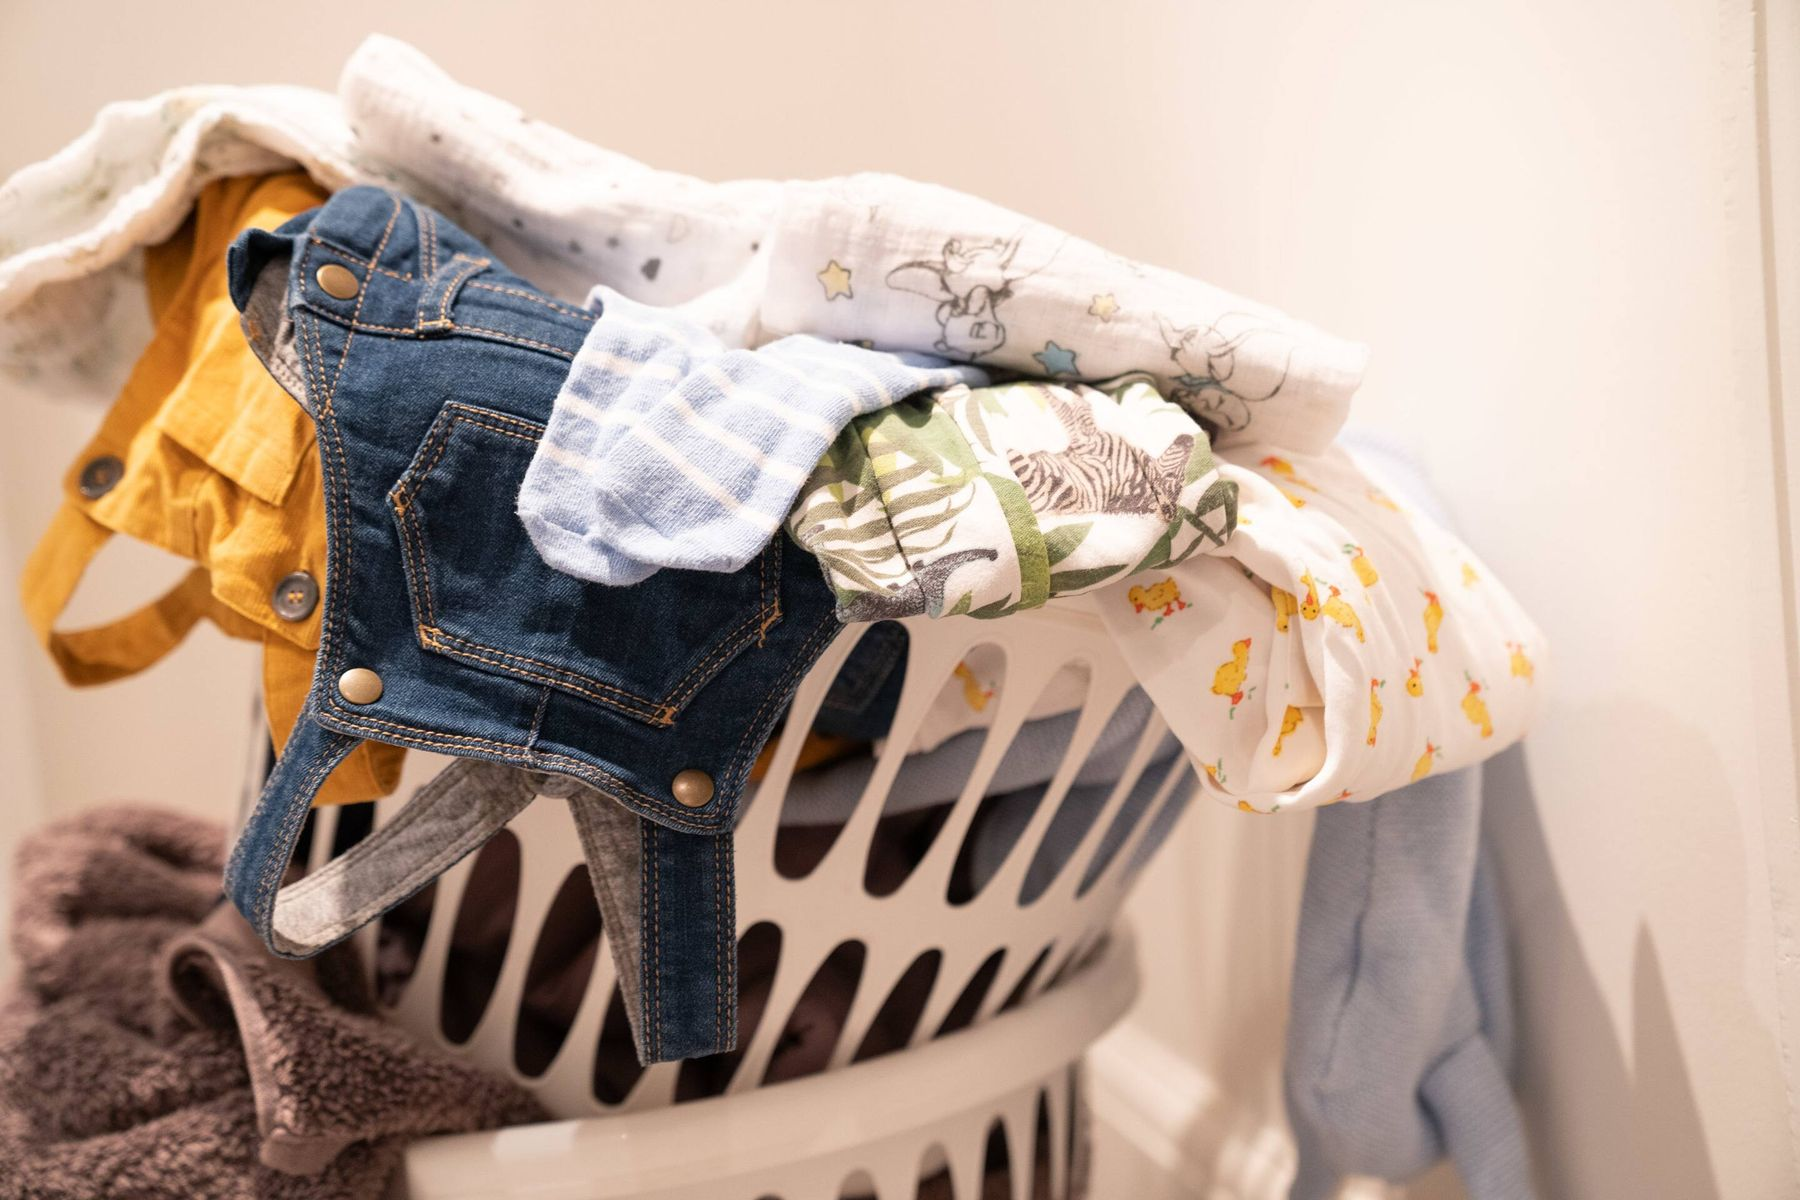 Kirli Çamaşırlarda Sarı Leke Problemi